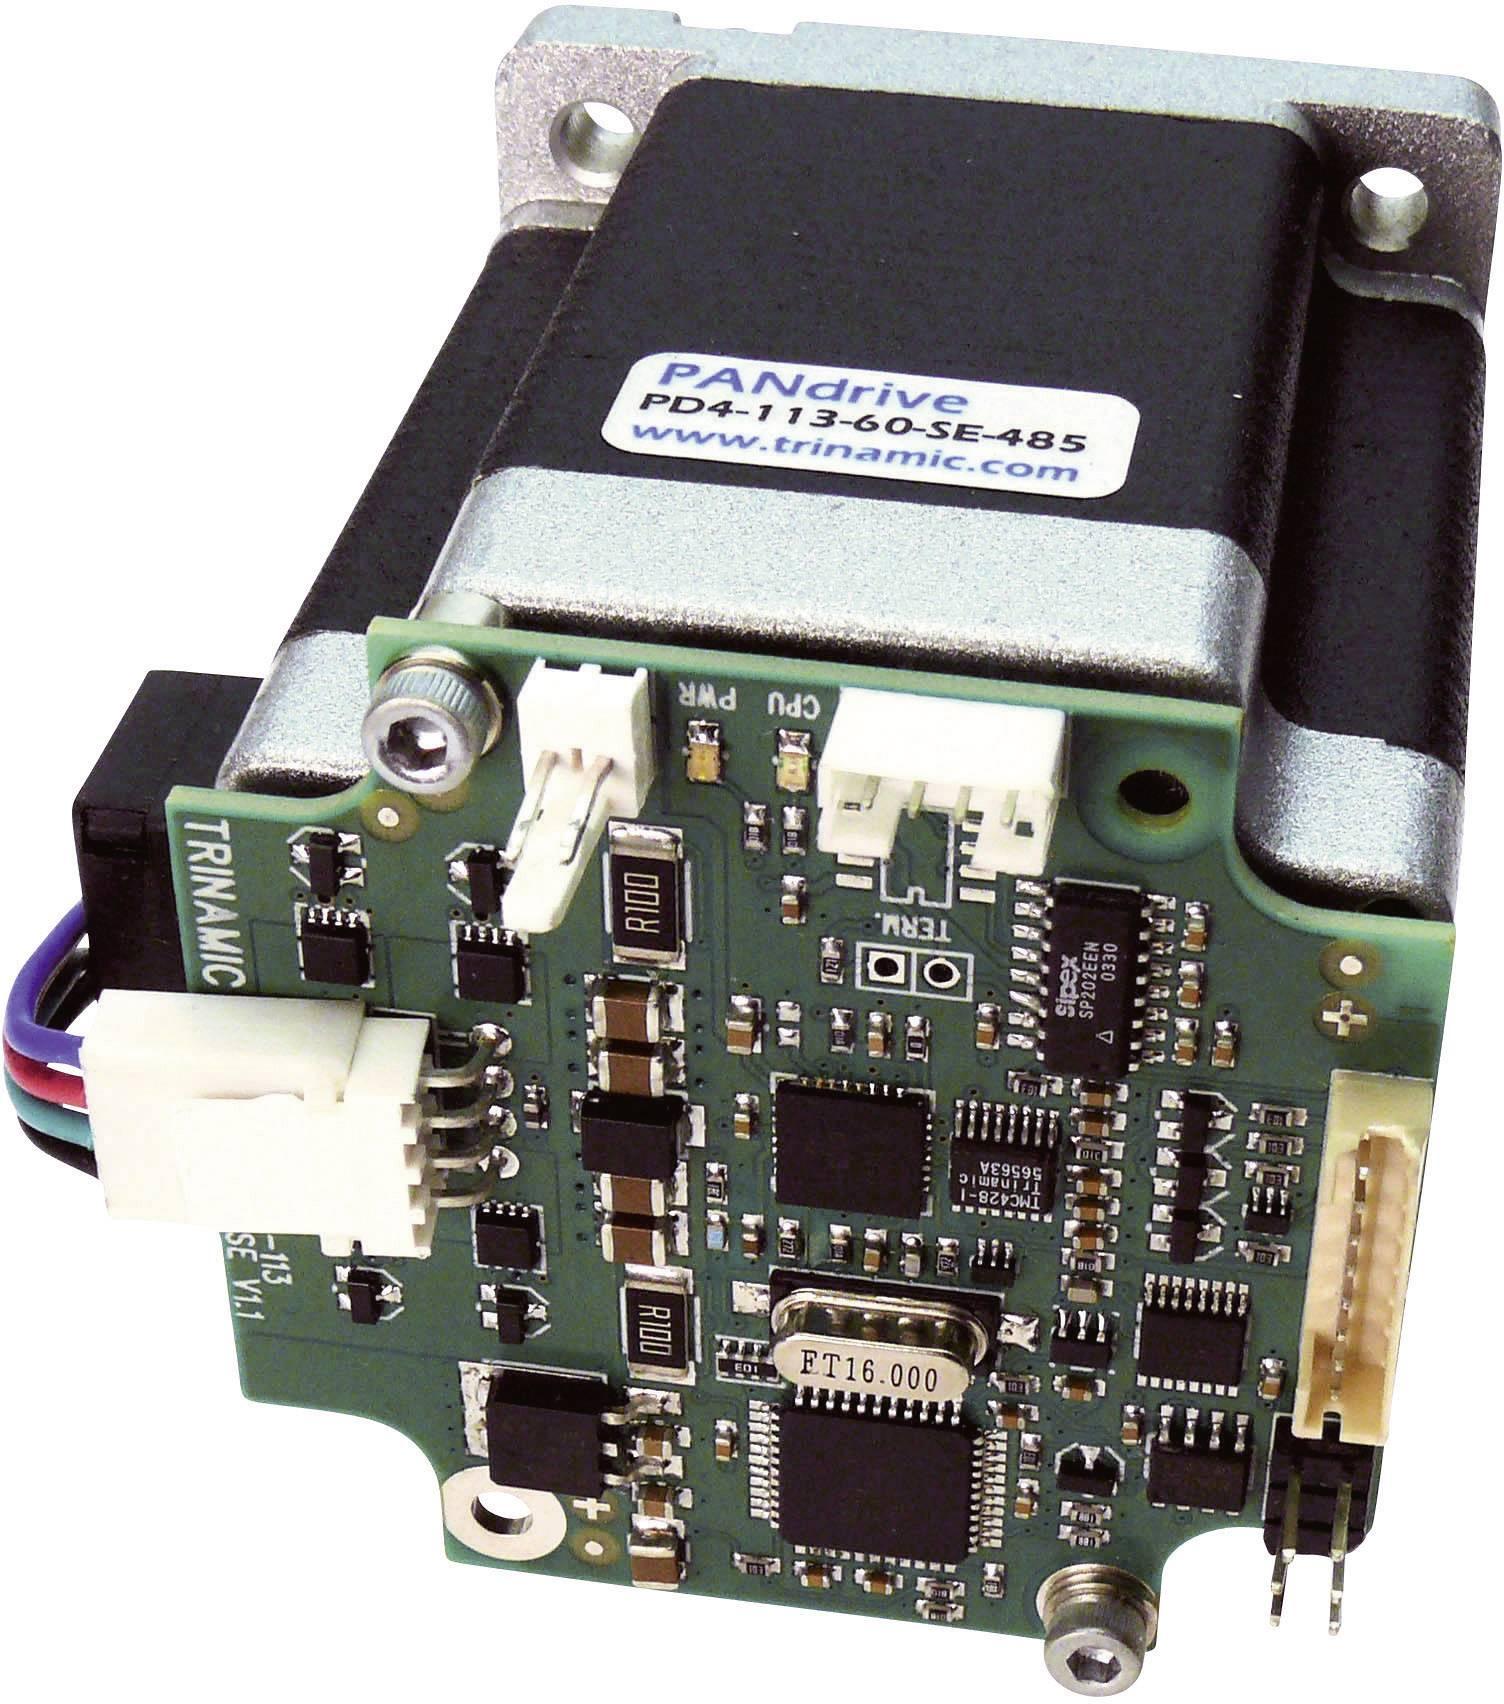 Krokový motor s řízením PANdrive Trinamic PD4-113-60-SE-232